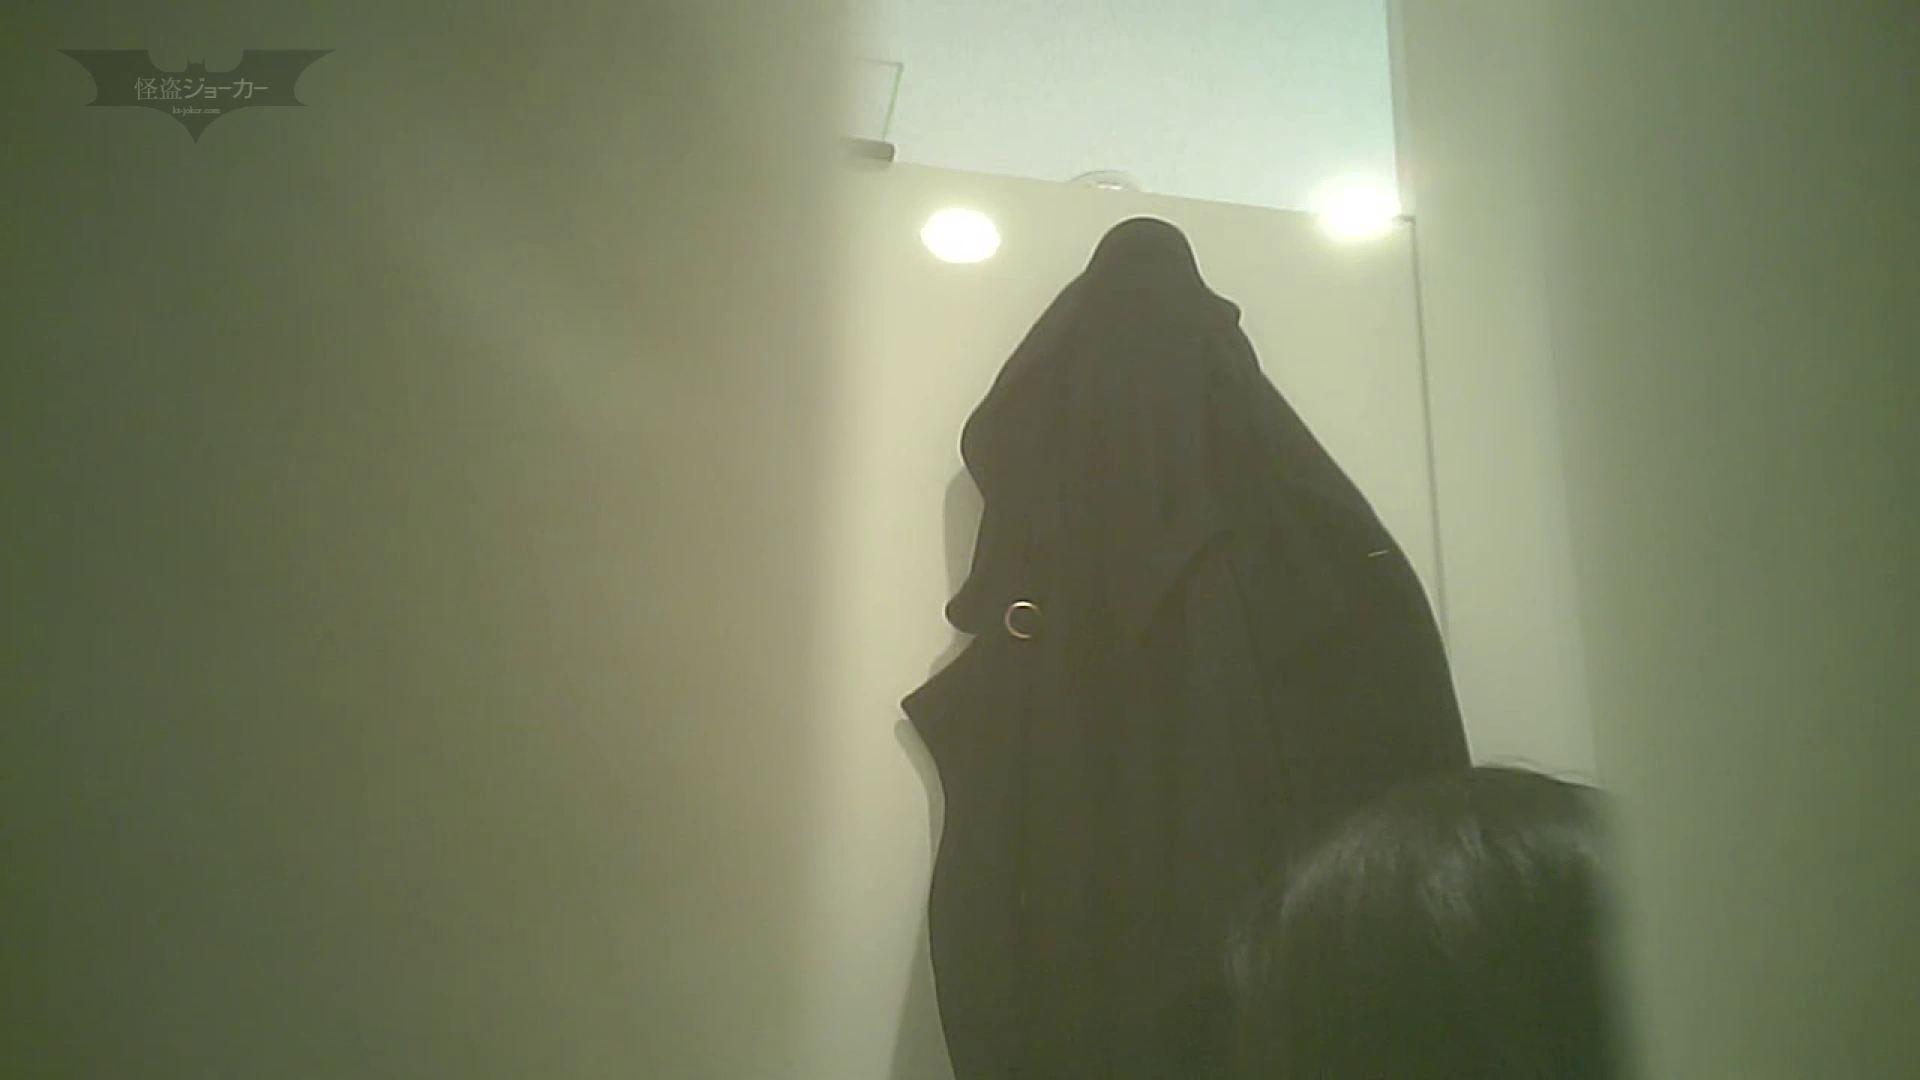 有名大学女性洗面所 vol.54 設置撮影最高峰!! 3視点でじっくり観察 排泄   洗面所  97pic 25